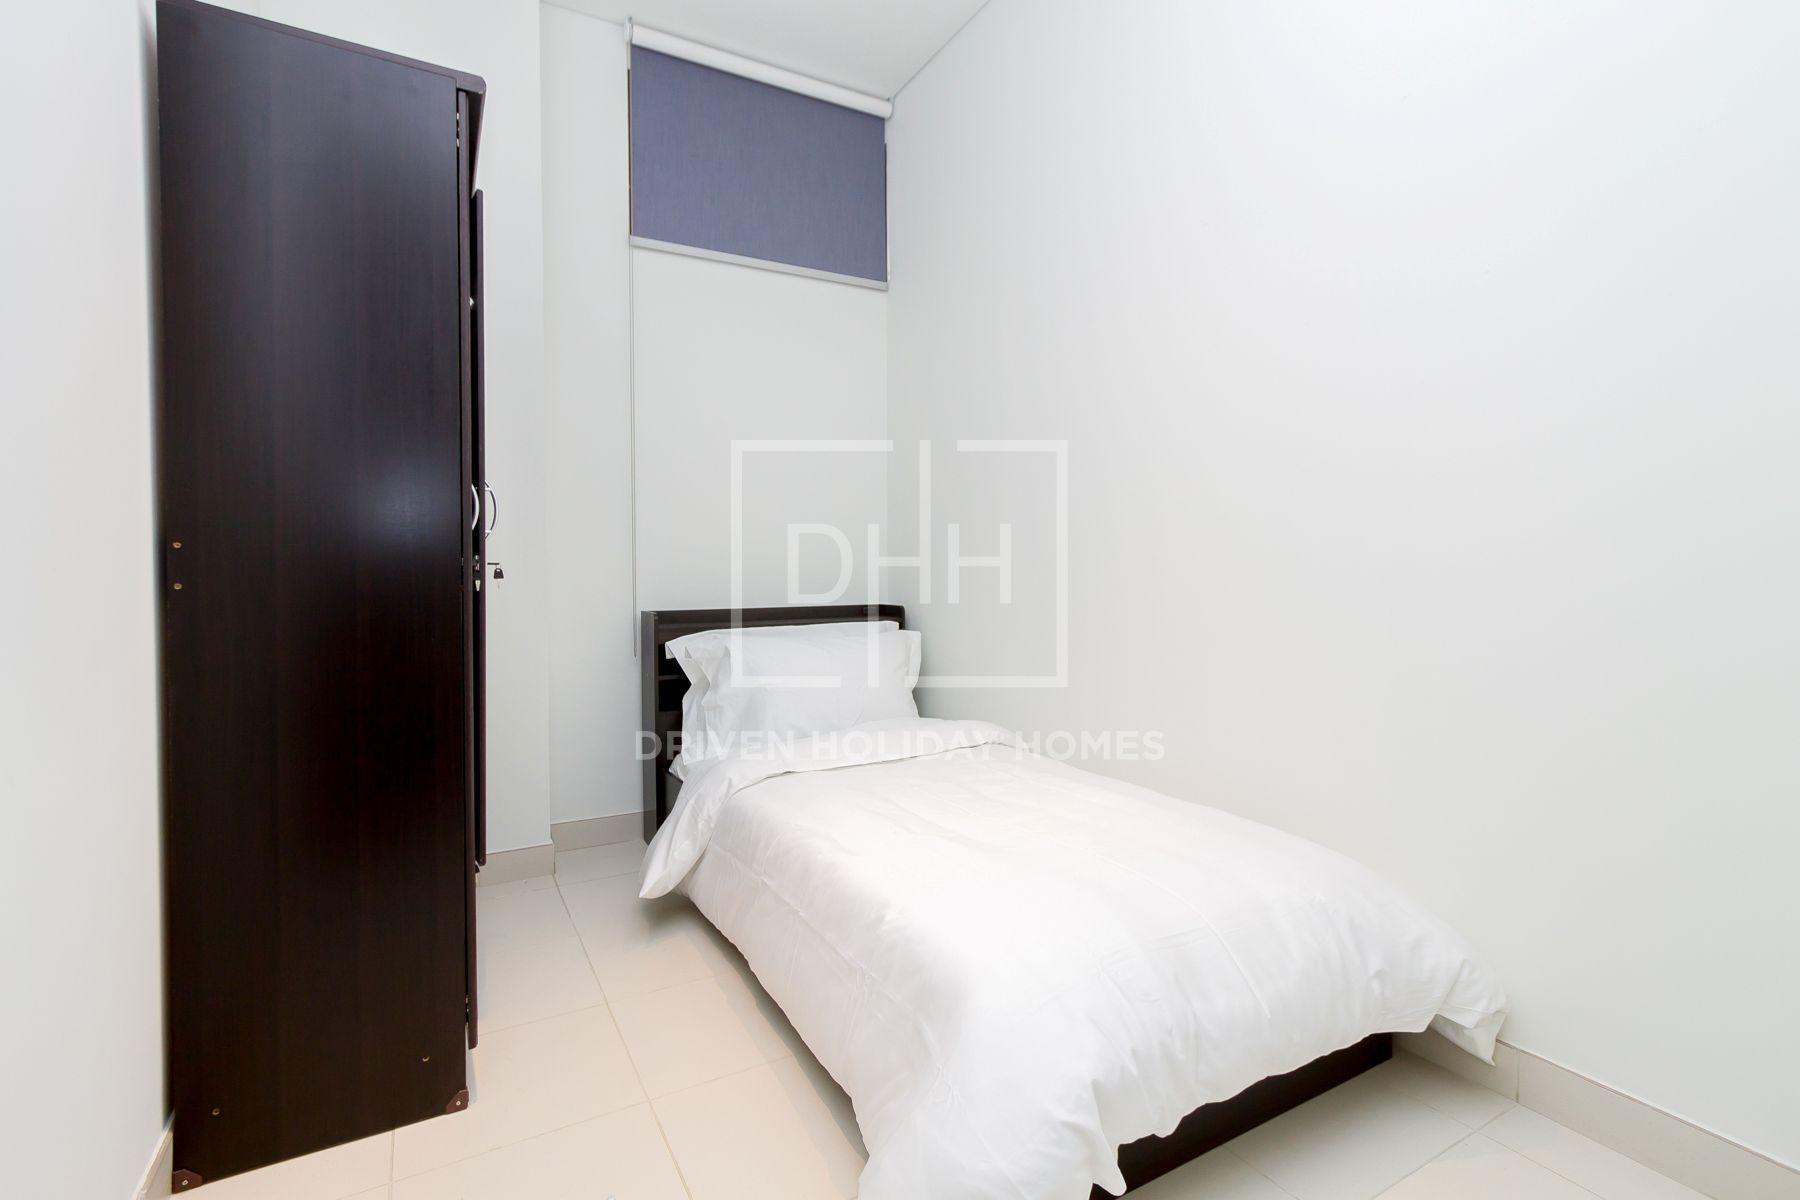 للايجار - شقة - 10 بناية - سيتي ووك